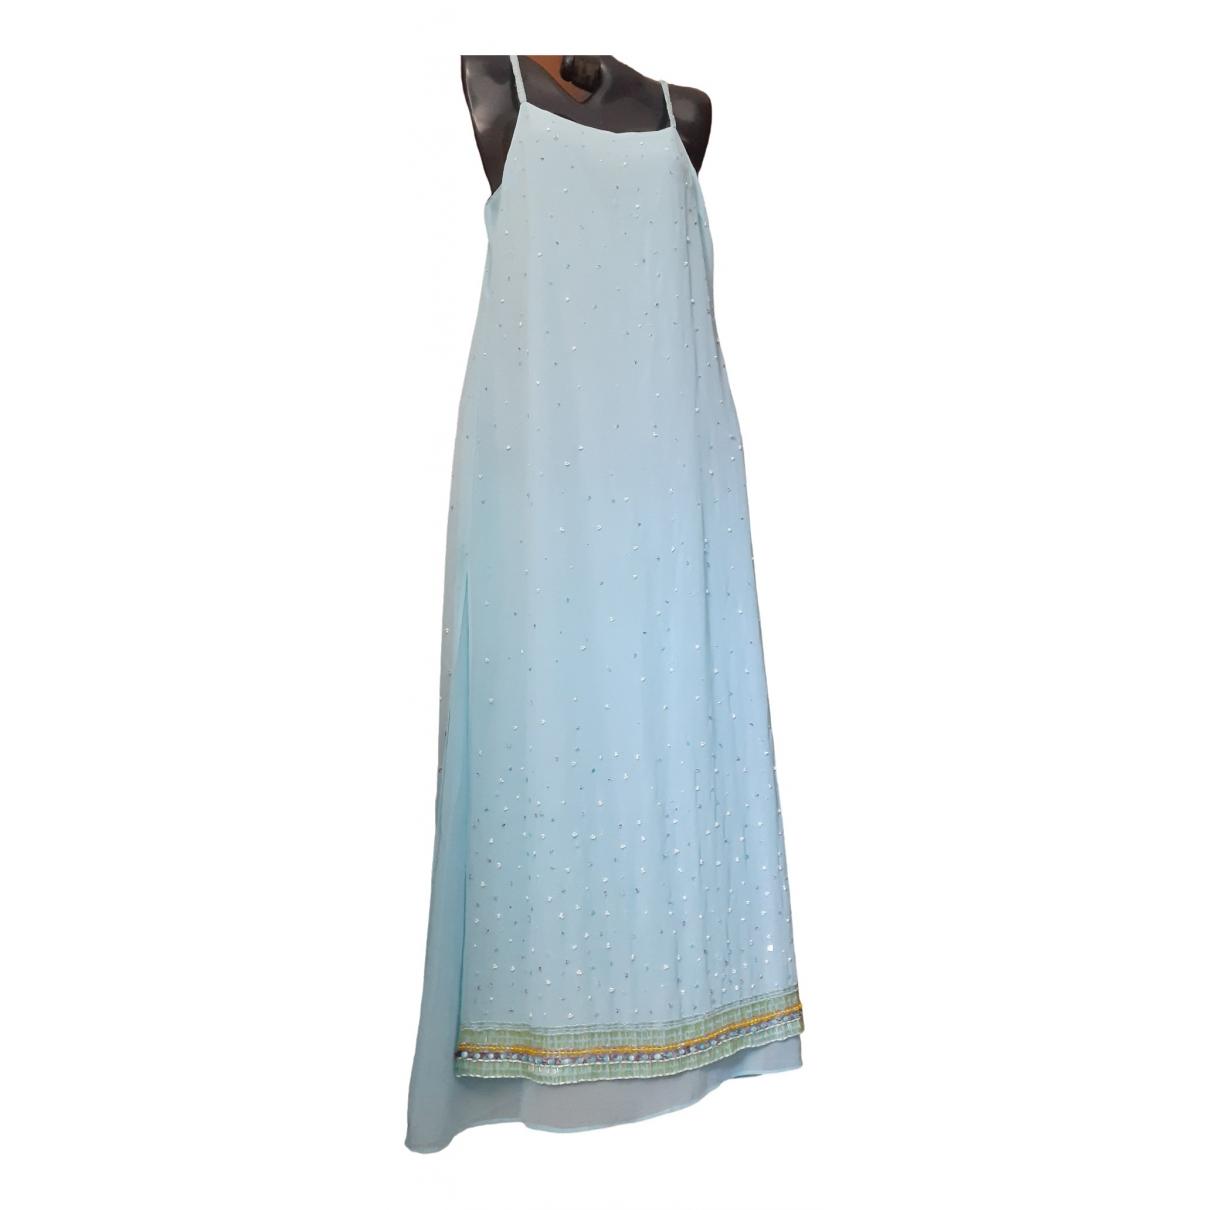 Liu.jo \N Turquoise dress for Women 44 IT